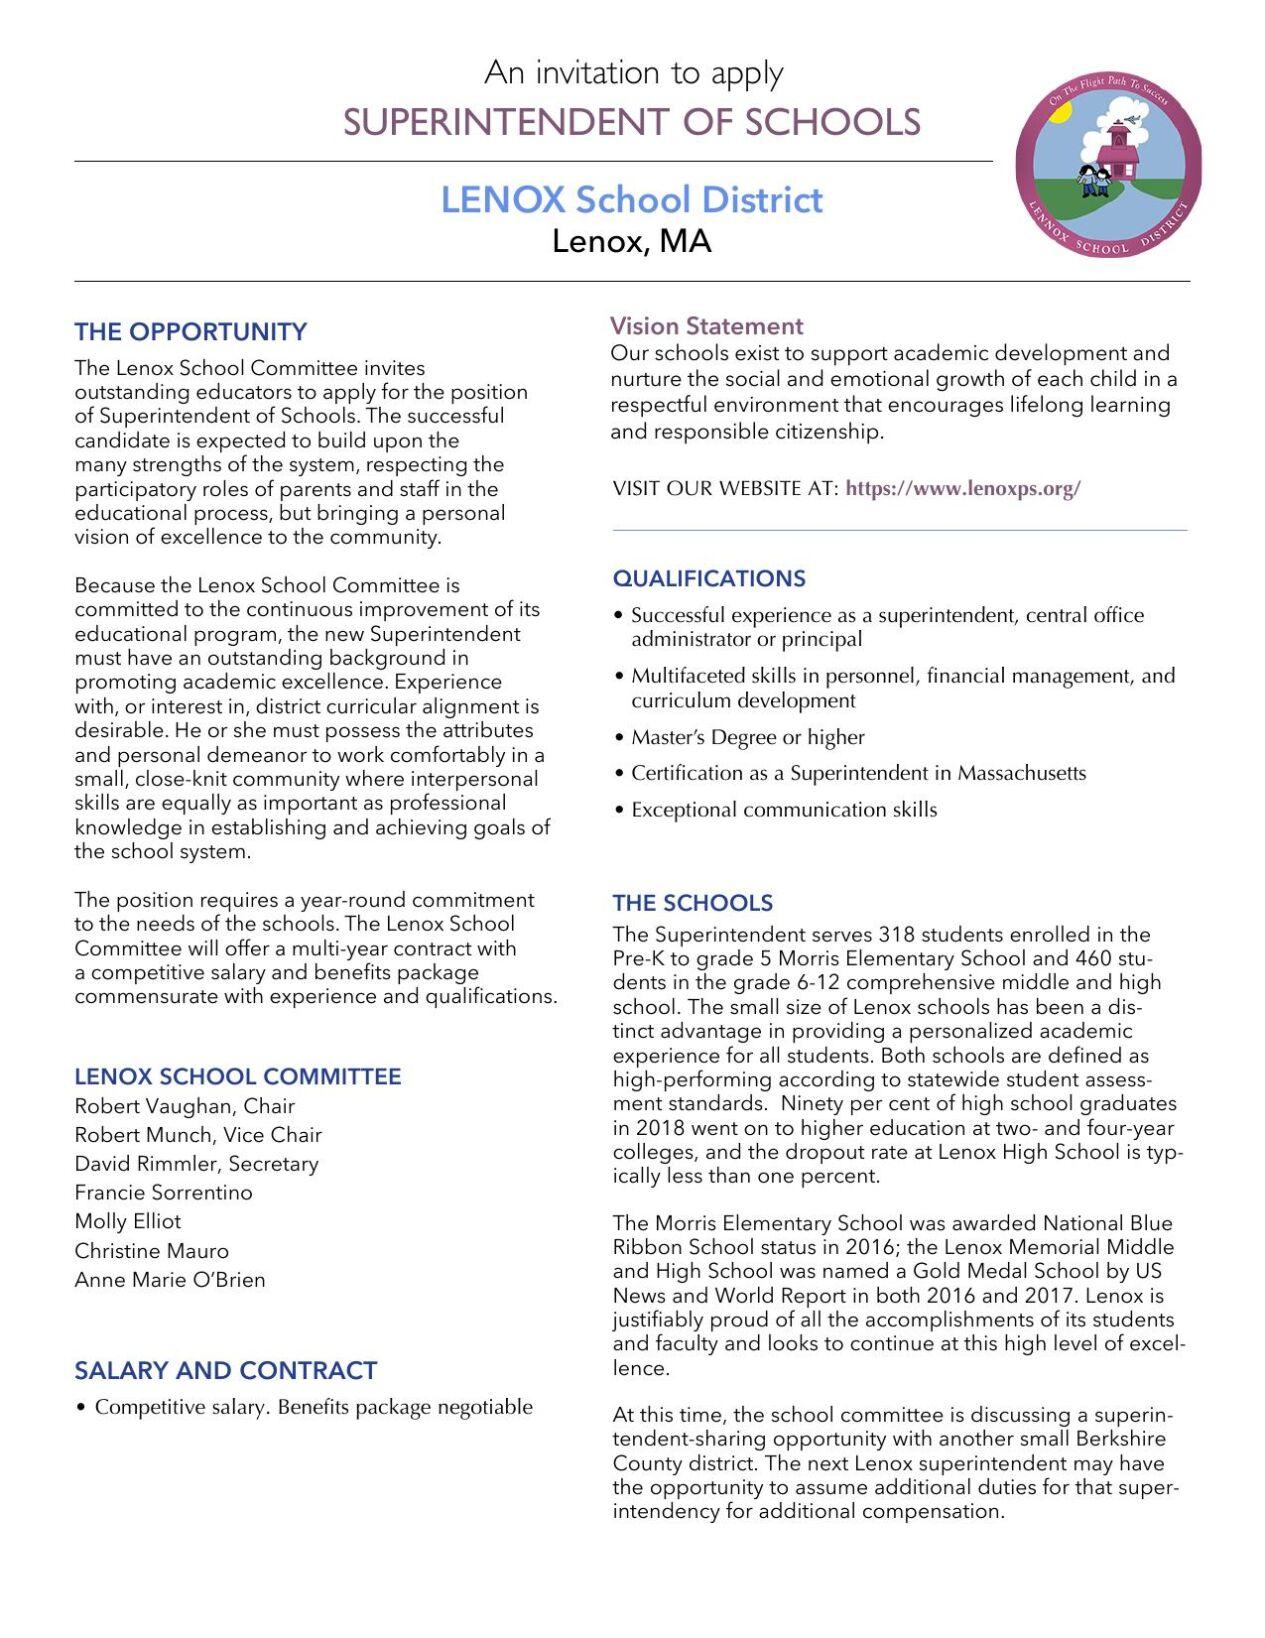 Lenox Schools Superindent posting